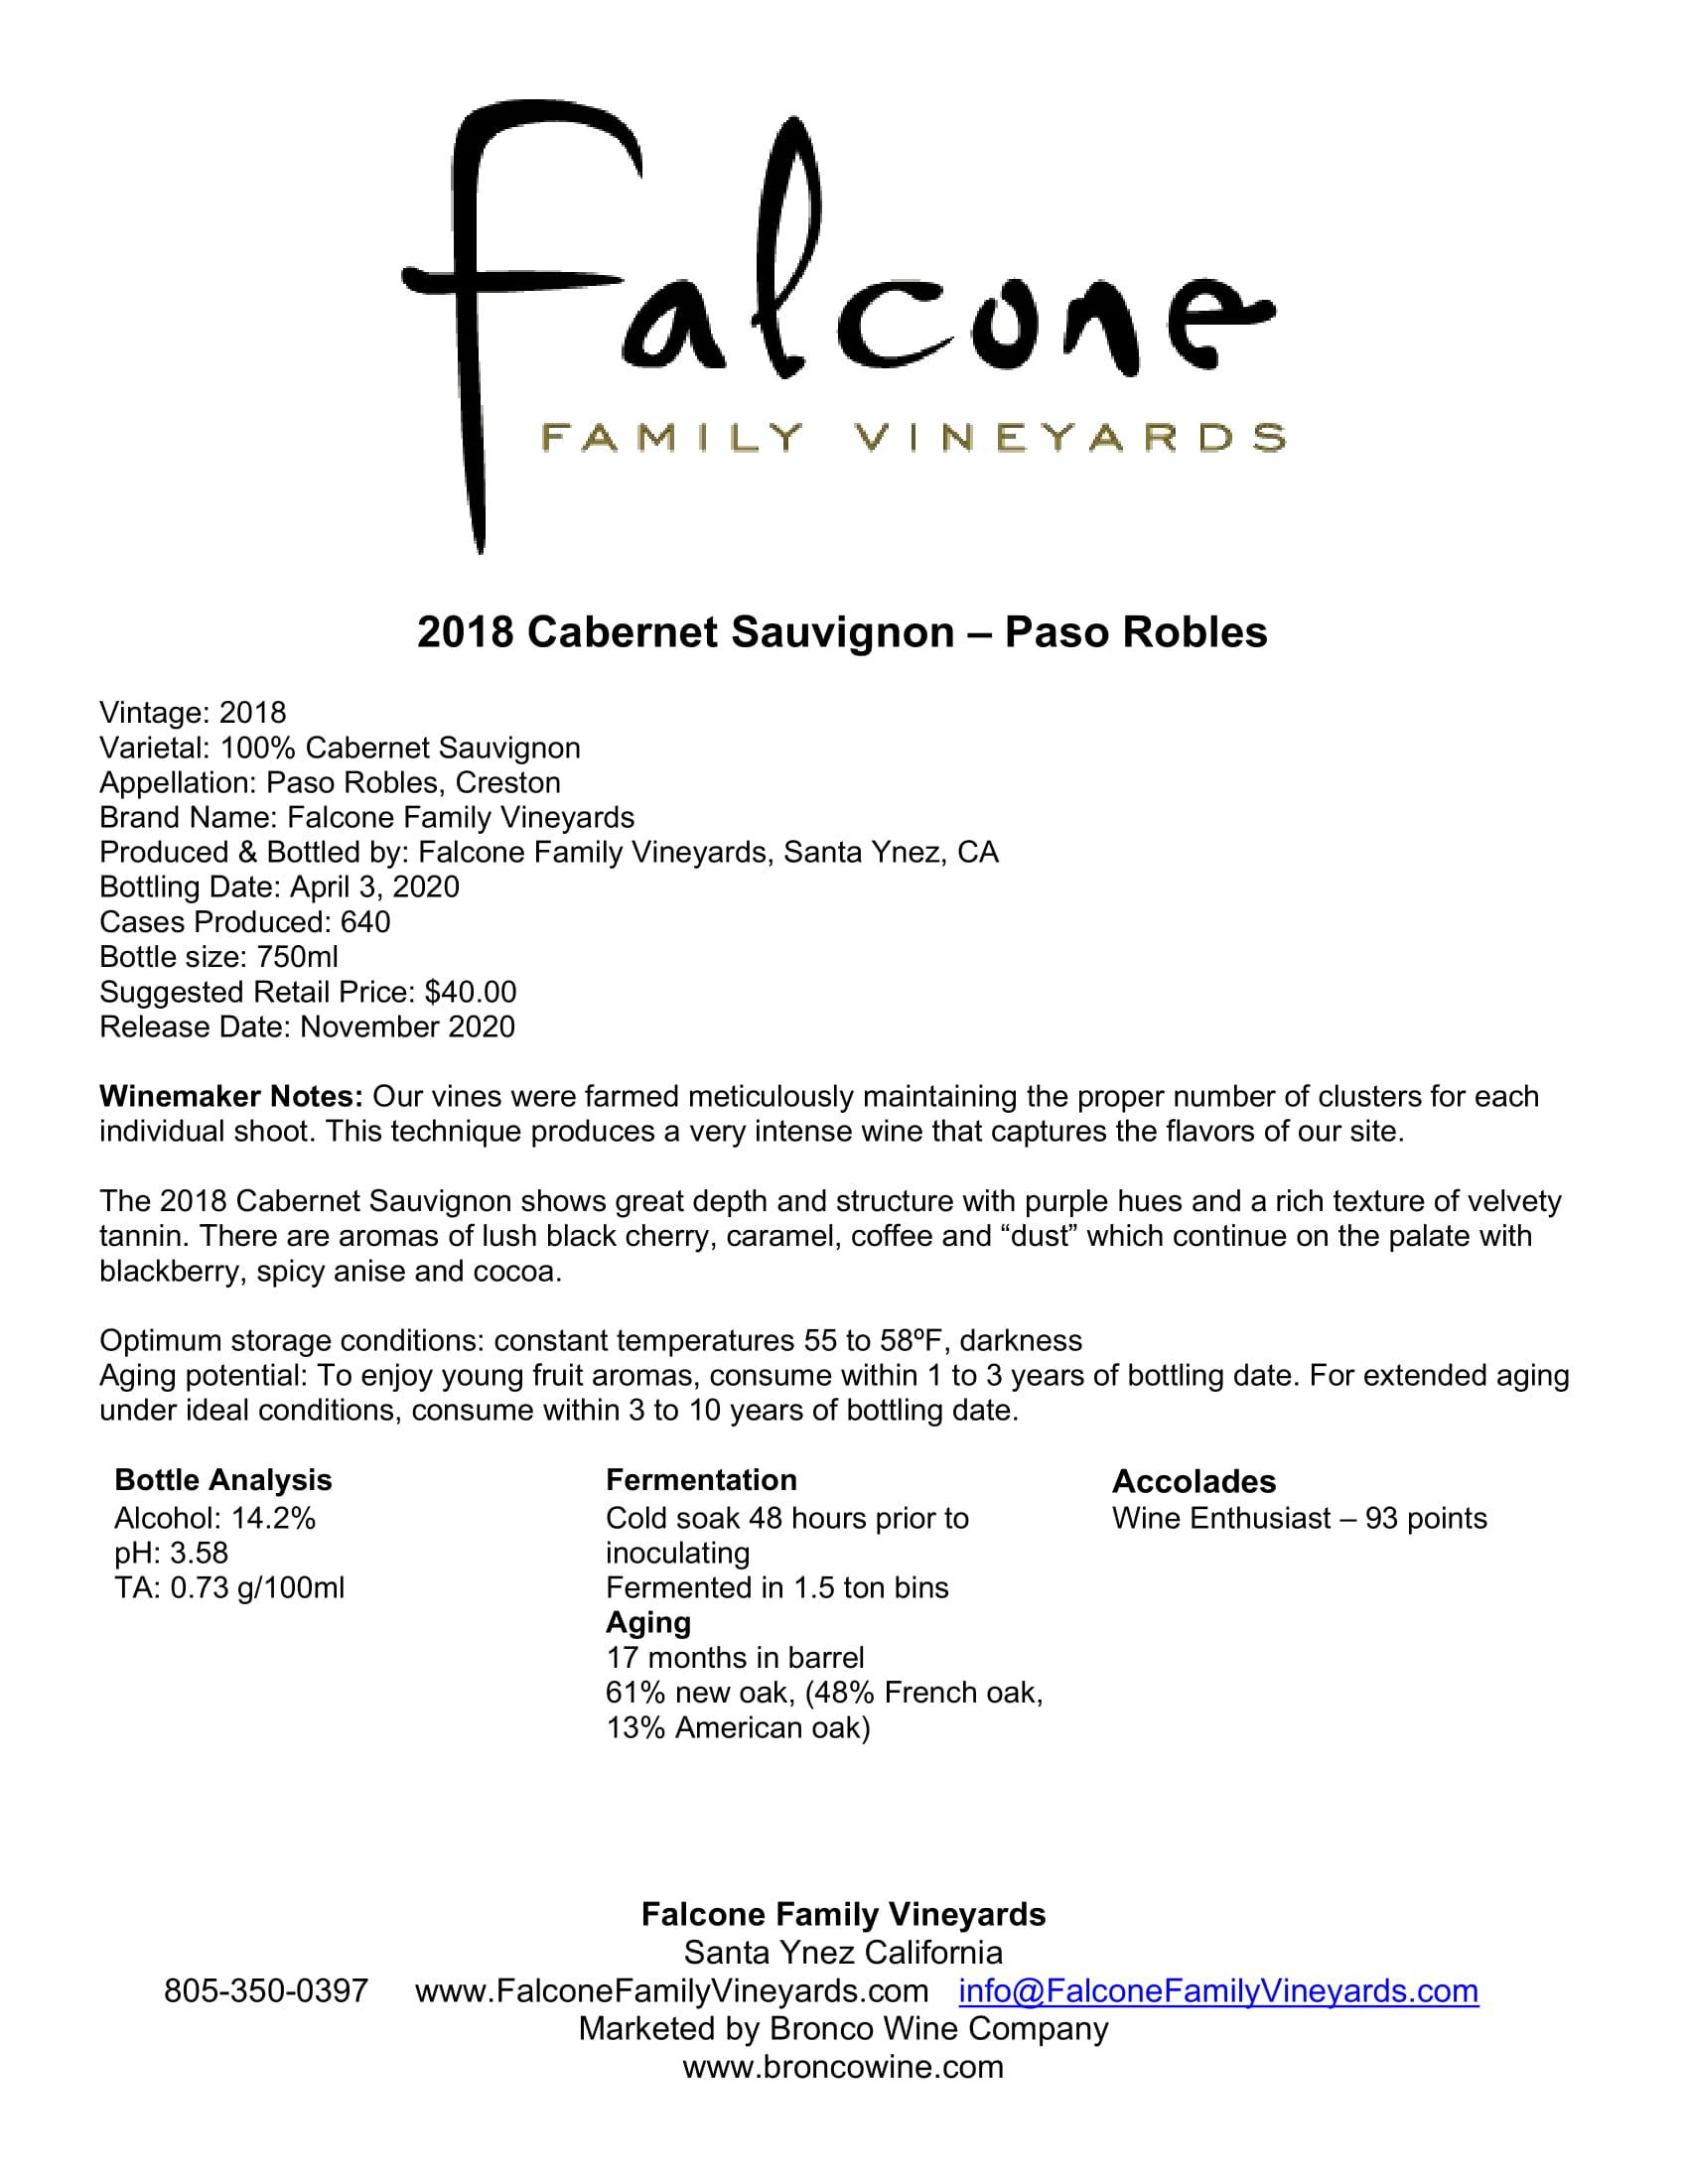 Falcone Family Vineyards Cabernet Sauvignon Tech Sheet